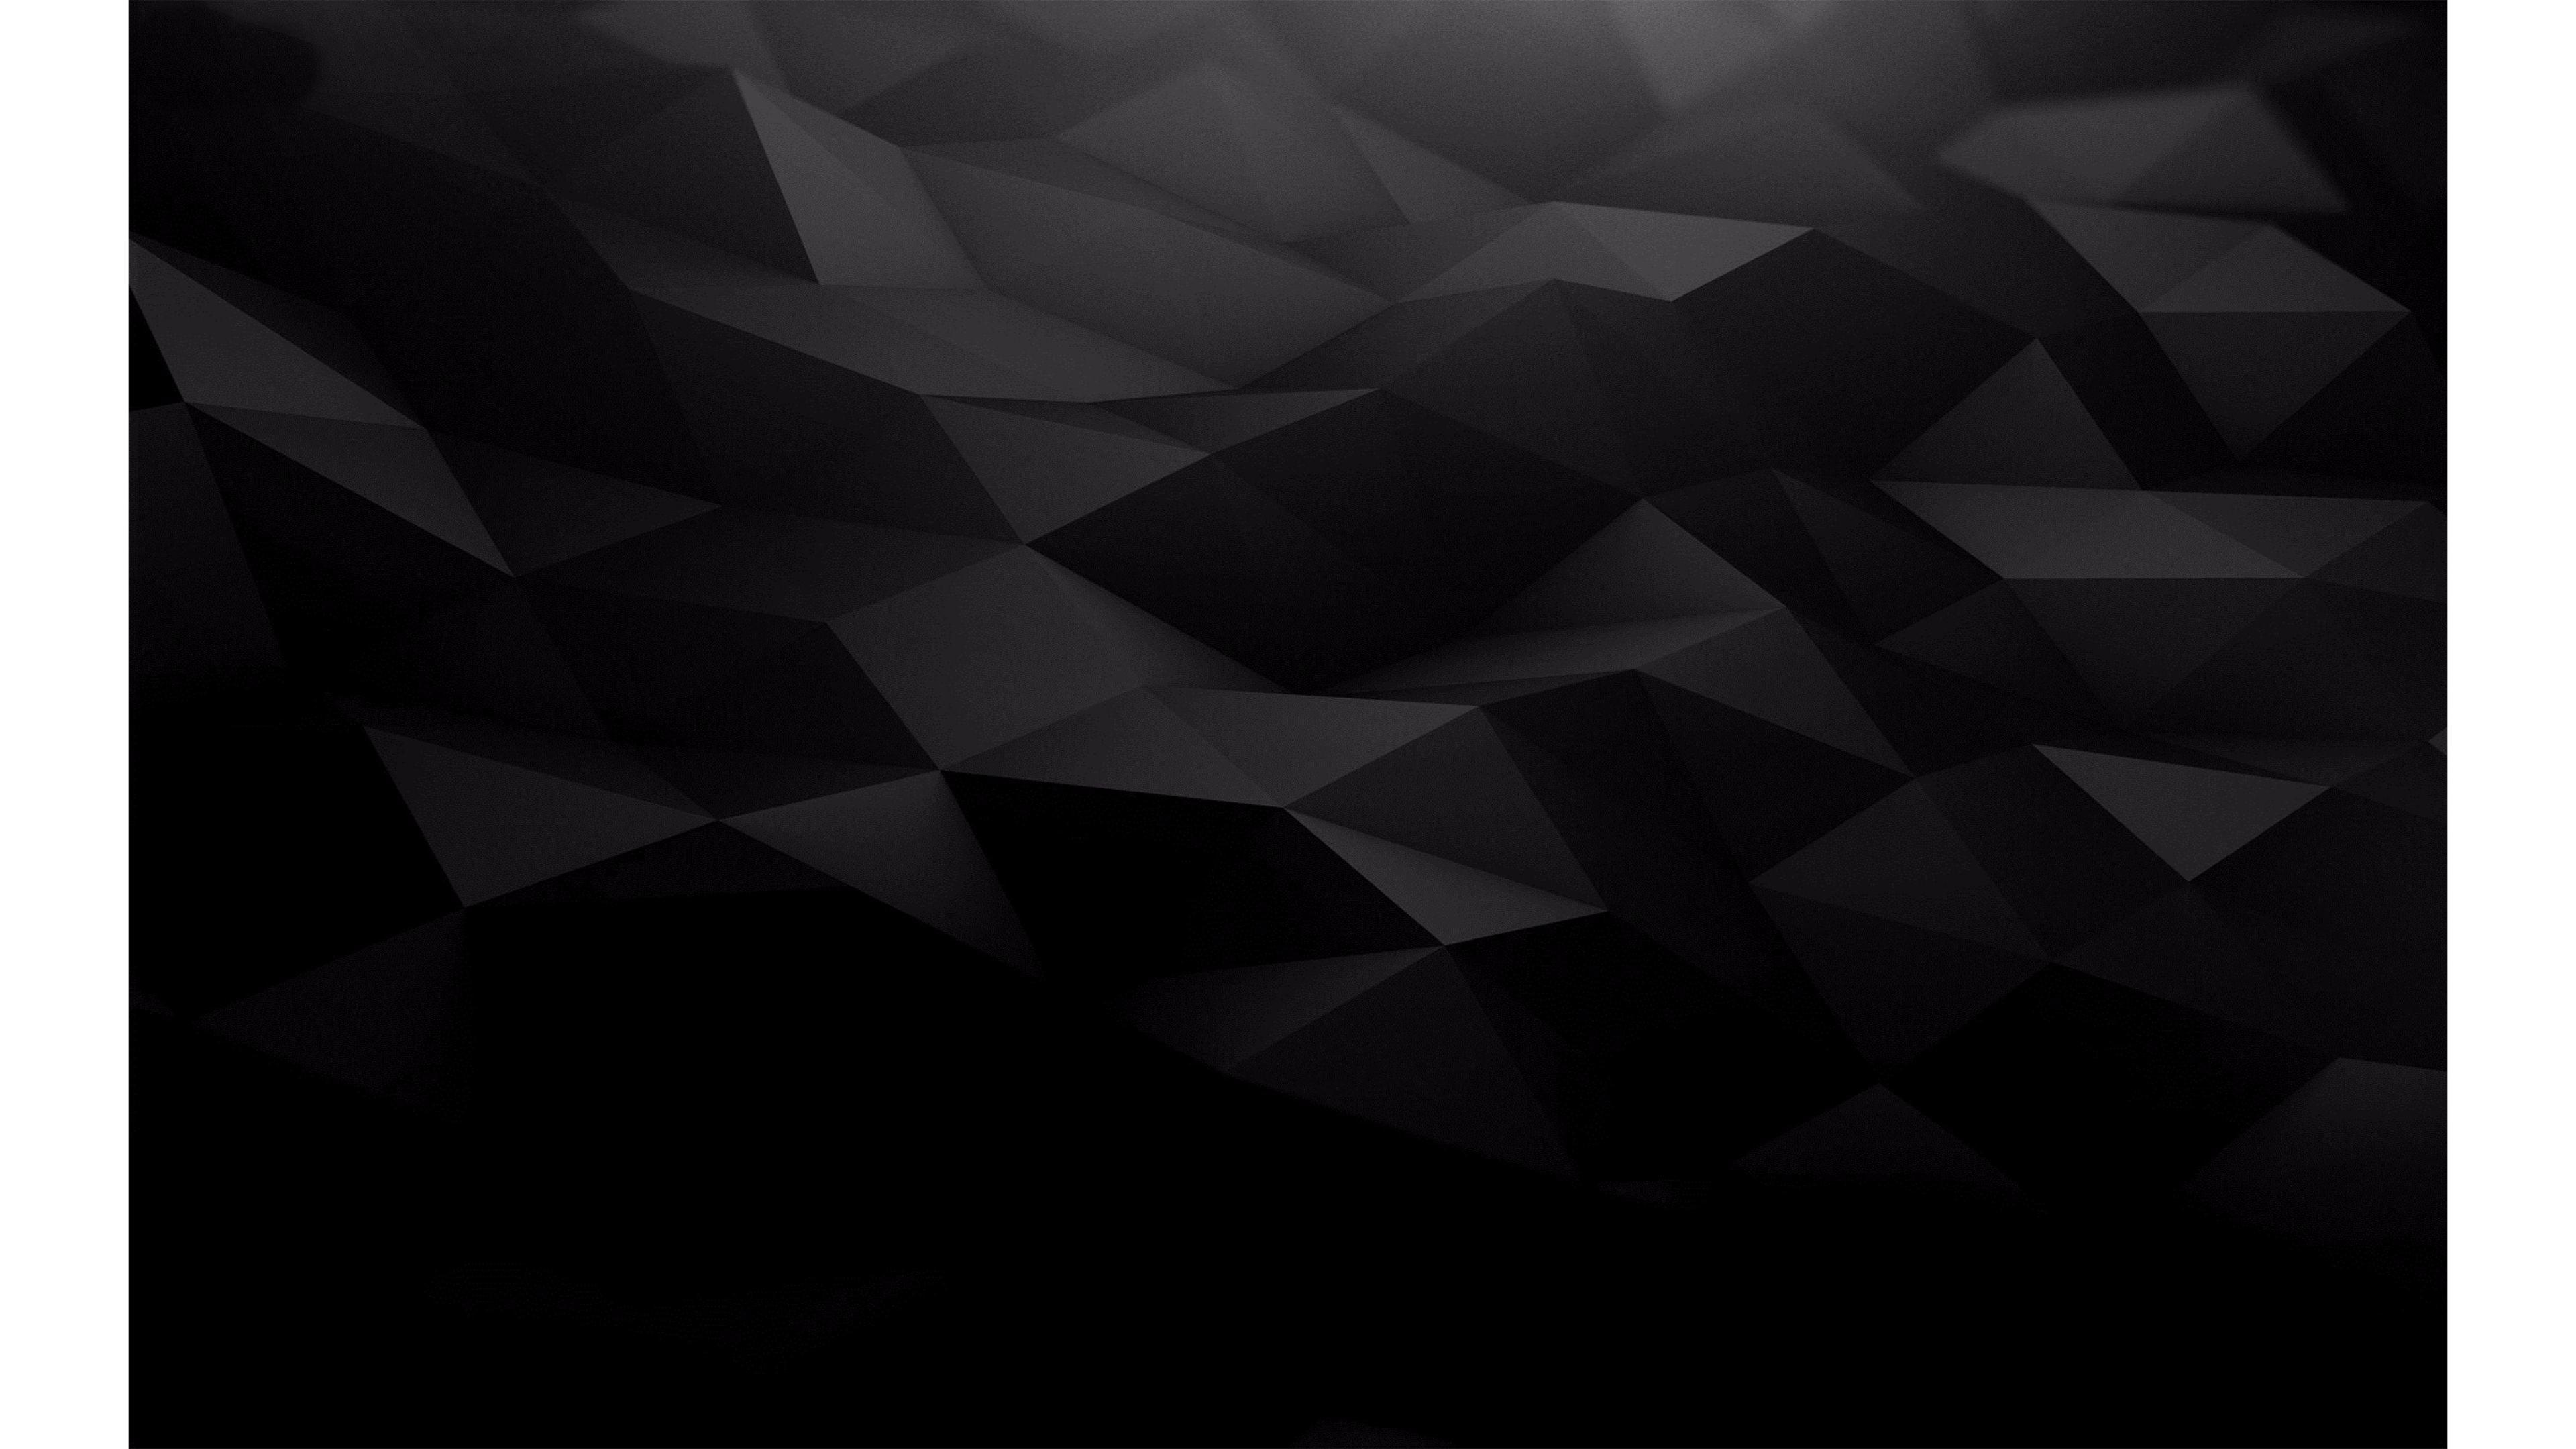 4K Black Wallpaper (57+ images)